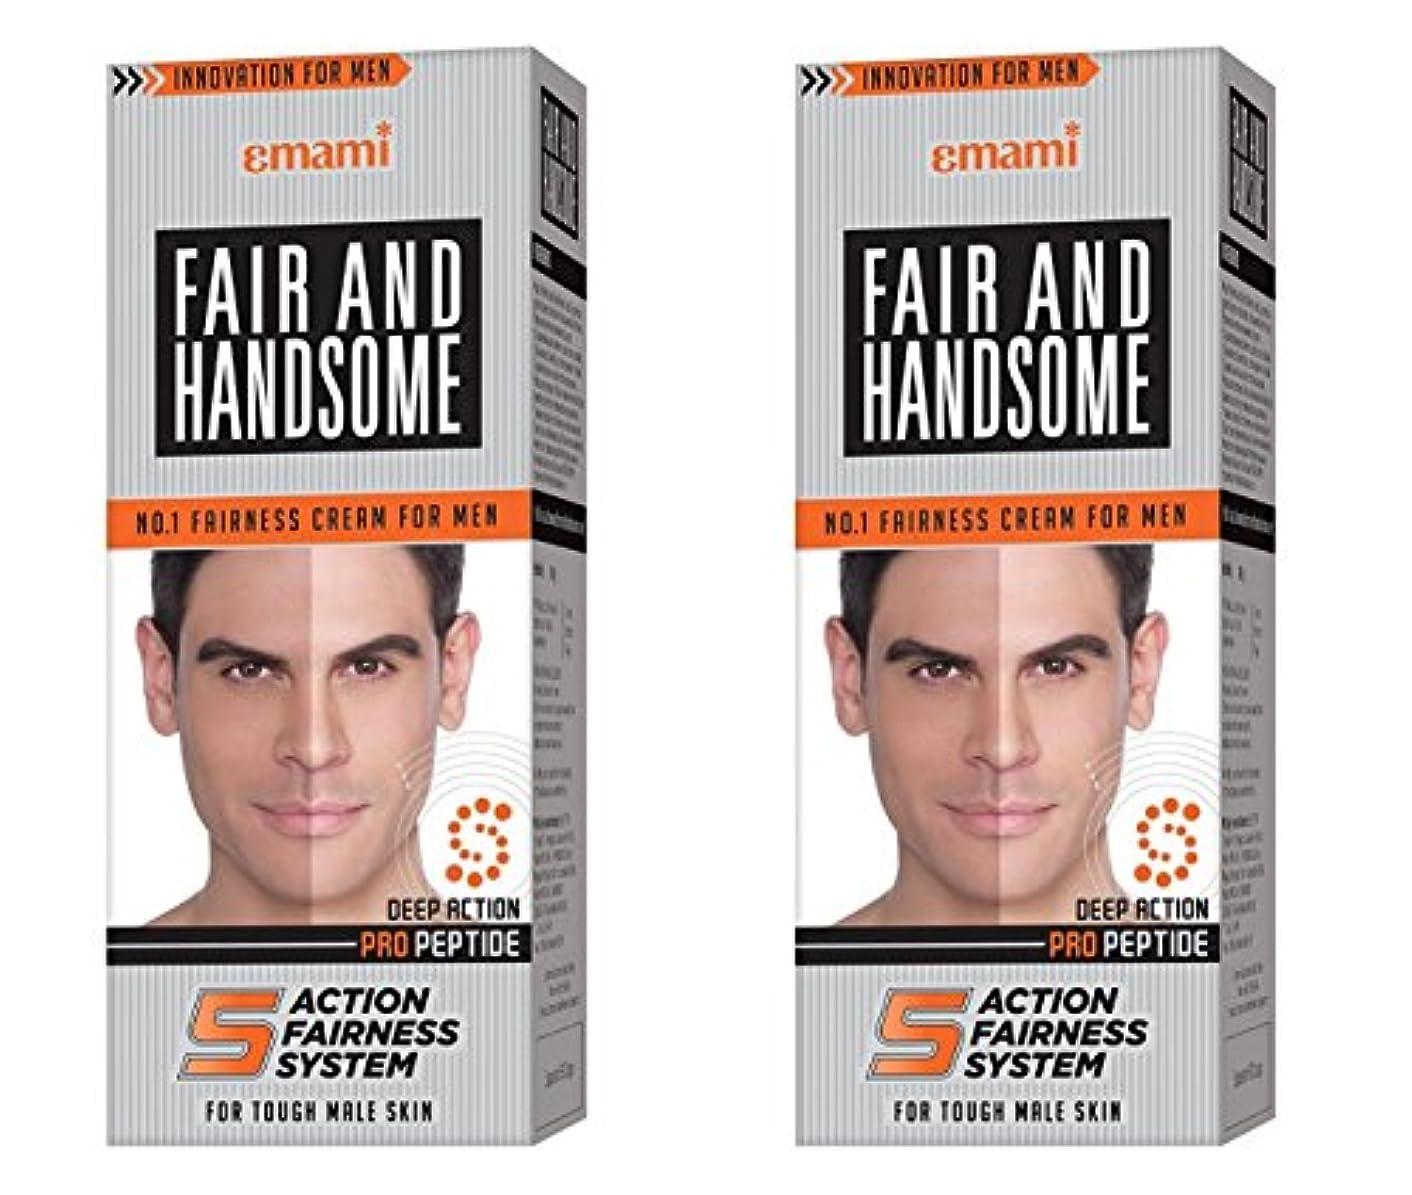 もろいラショナルアシュリータファーマンFair and Handsome Fairness Cream for Men, 60gm (Pack of 2)